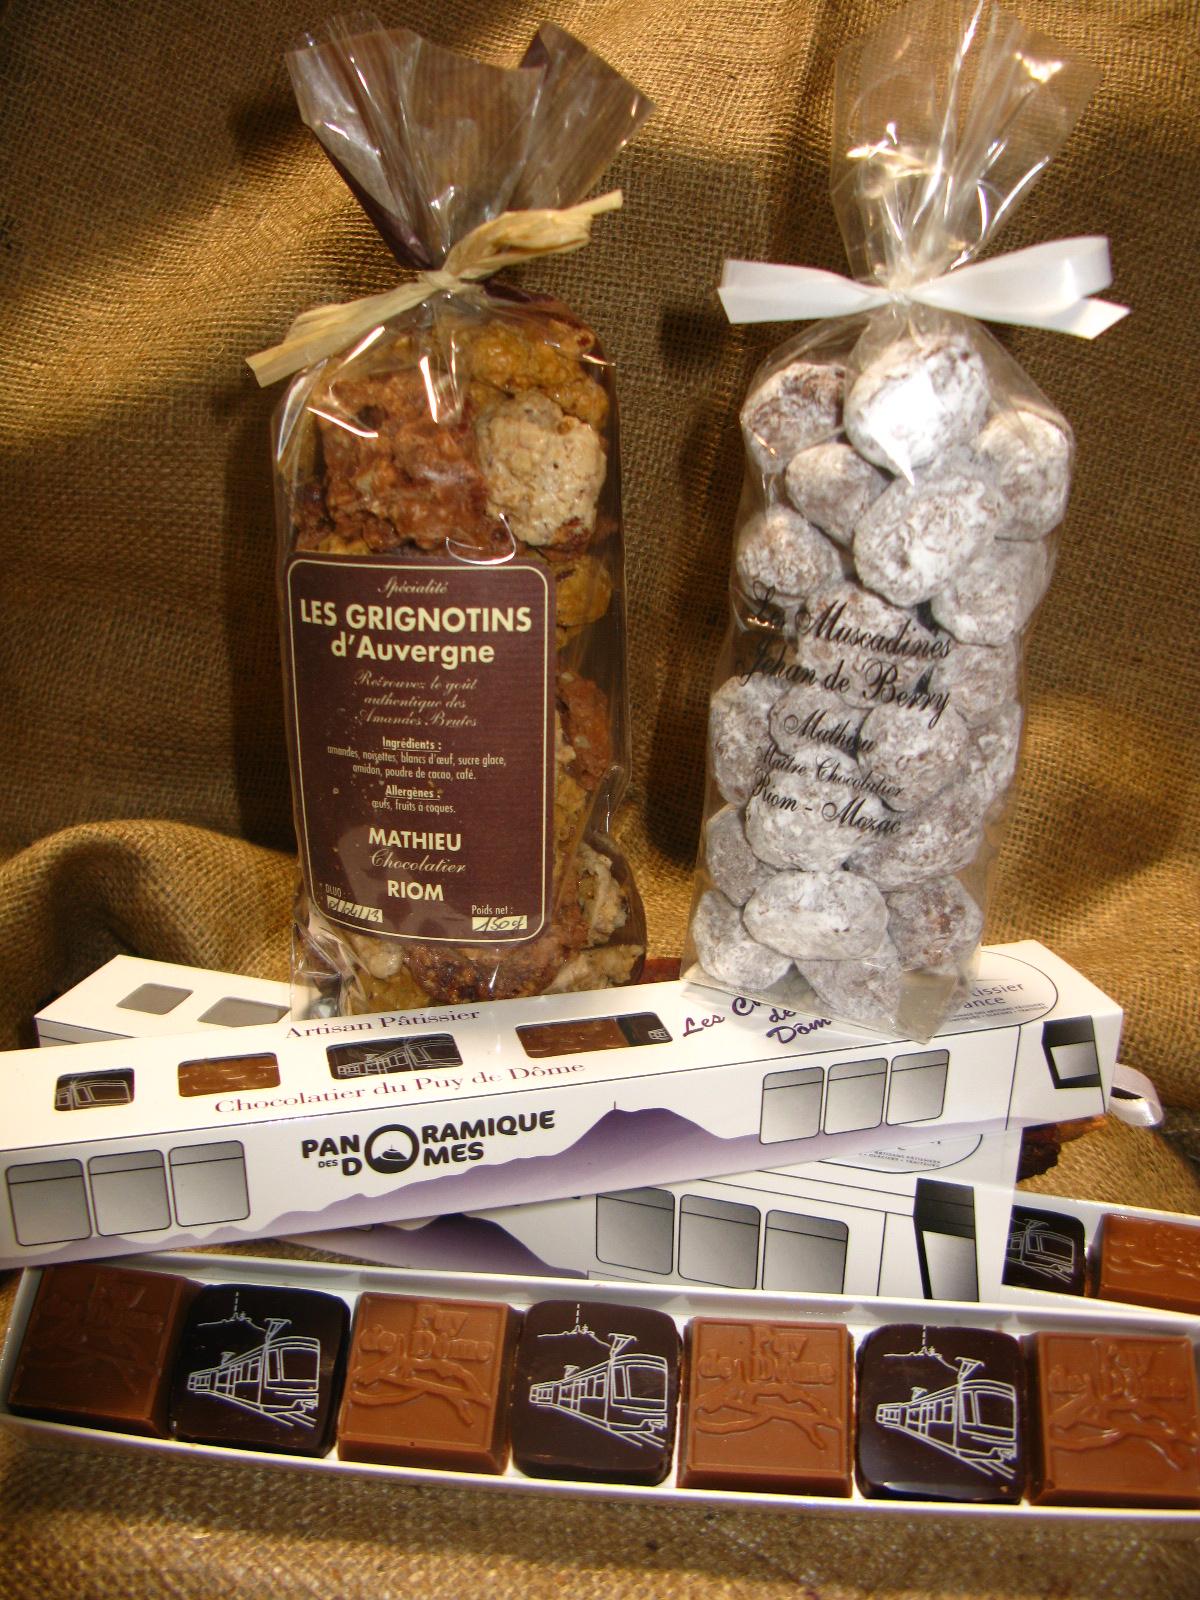 Pâtisserie chocolaterie mathieu – Riom